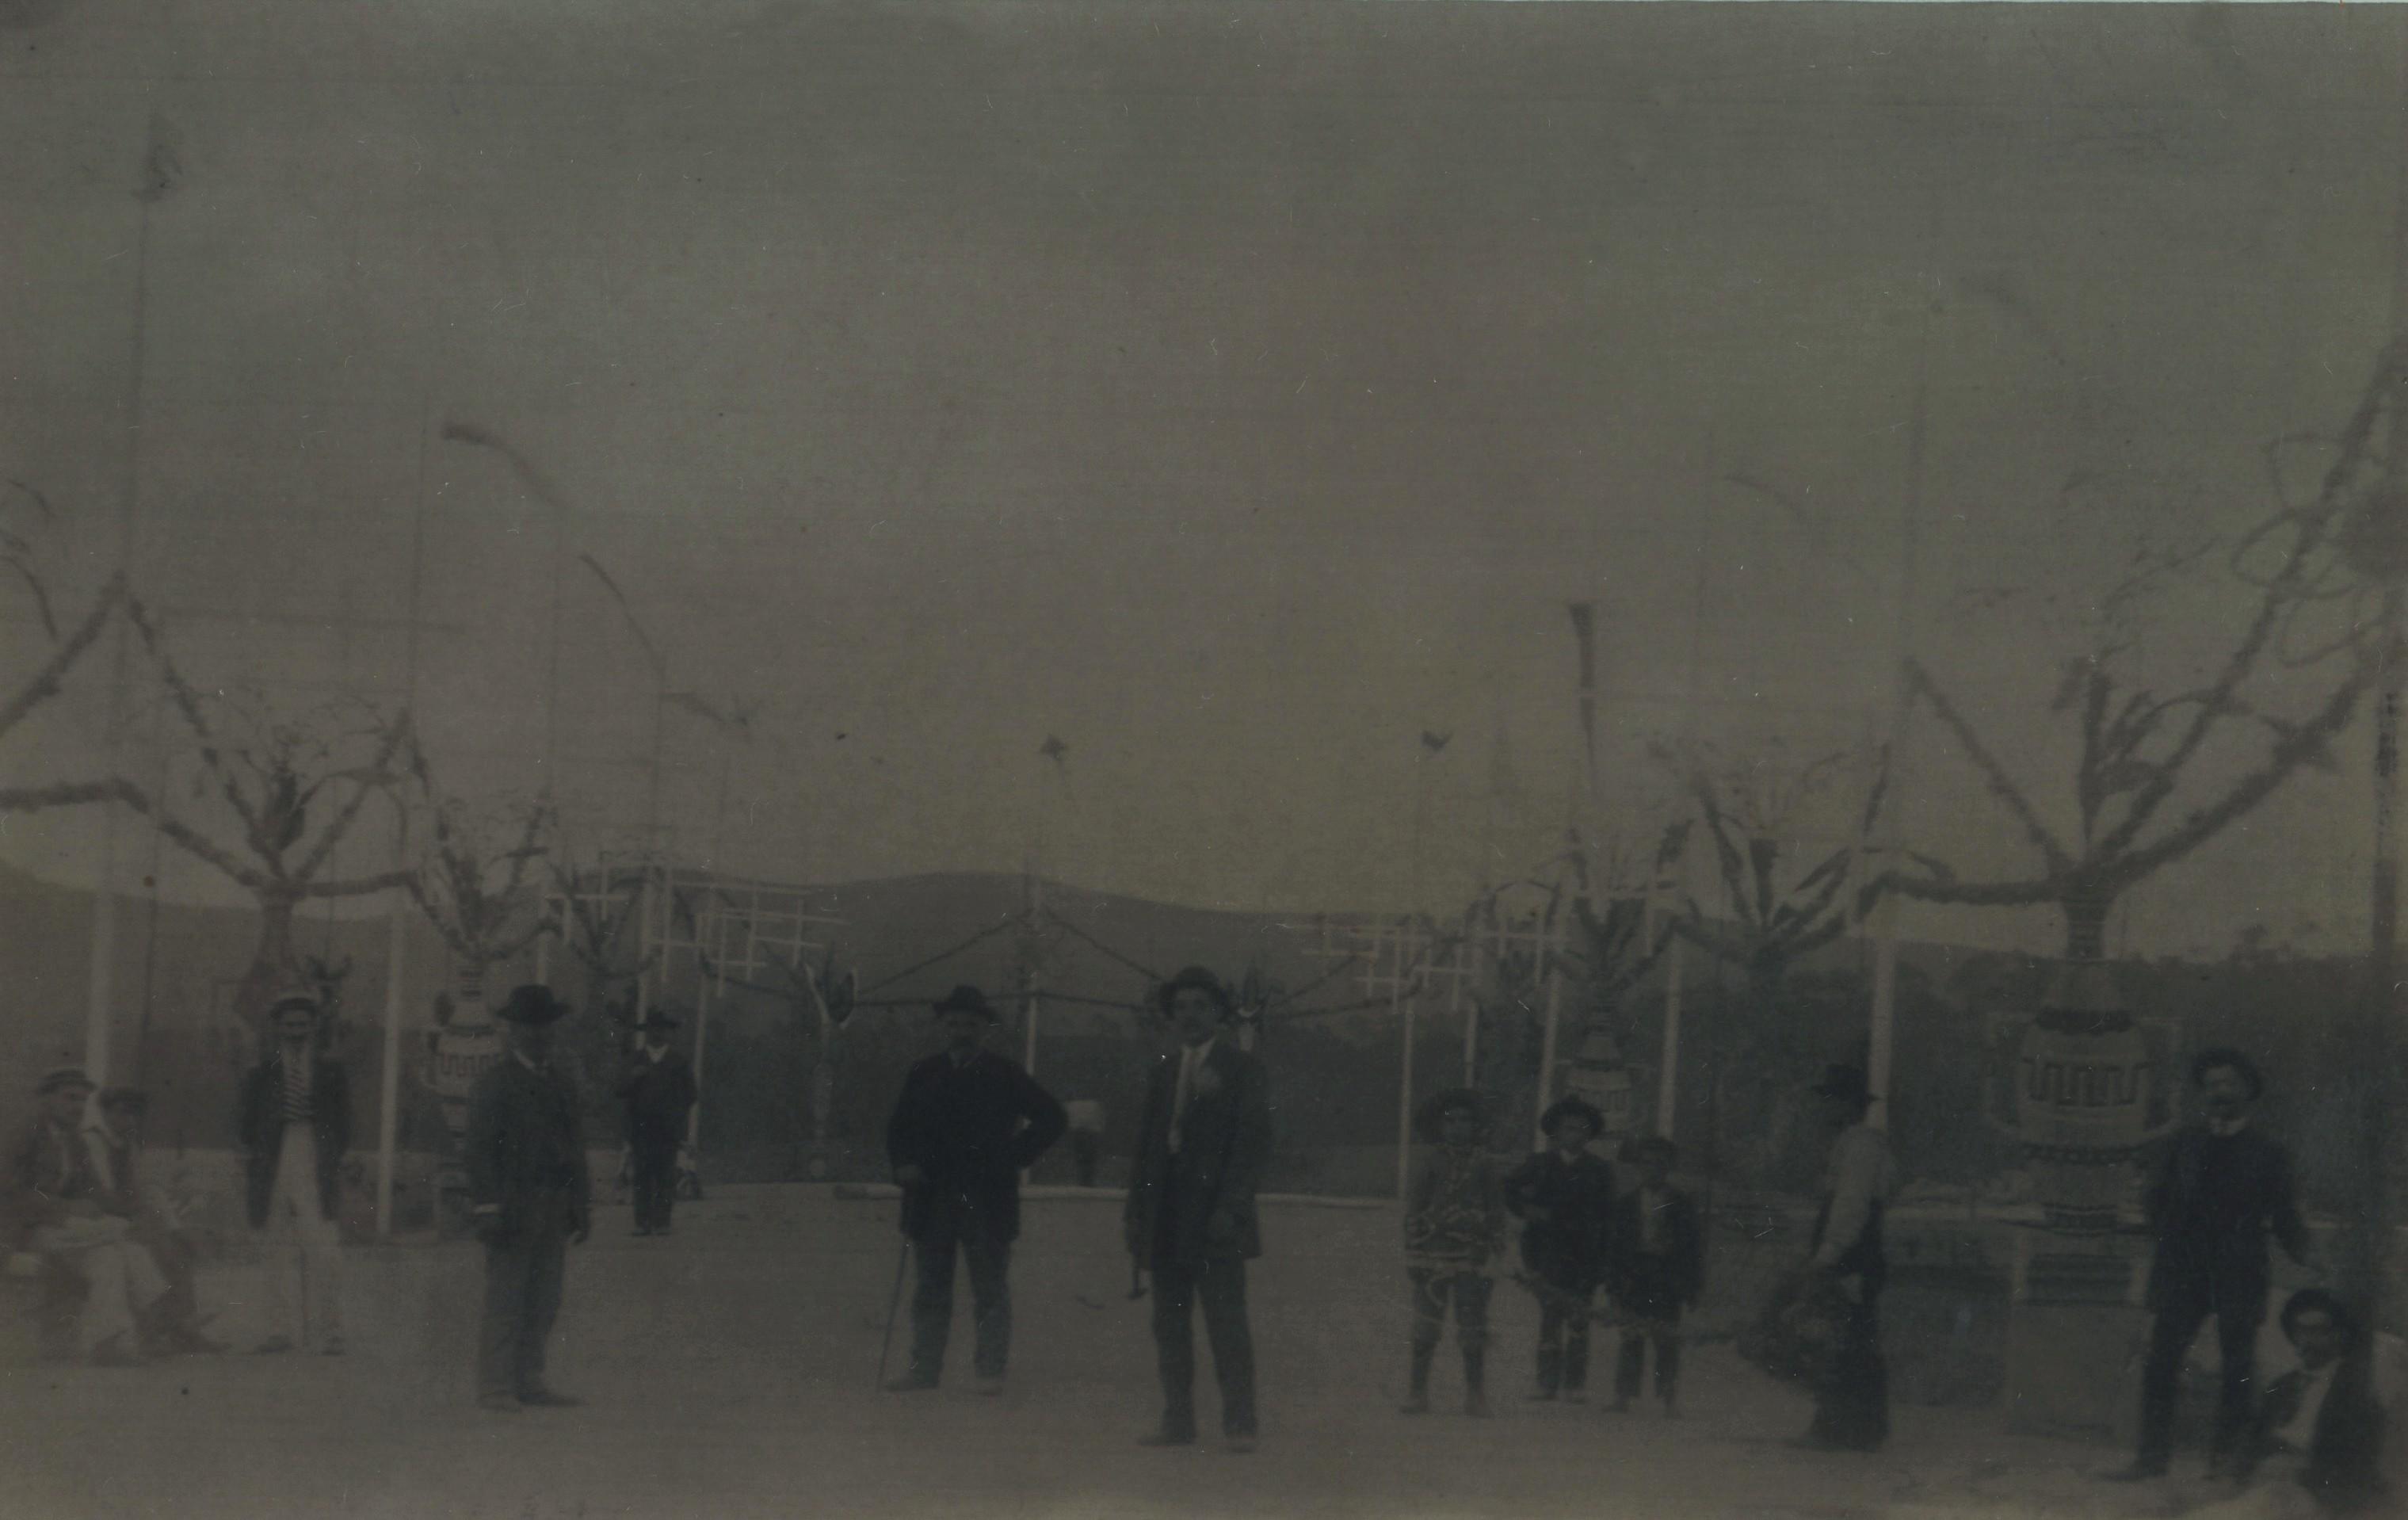 Festas de La Salette (1910)